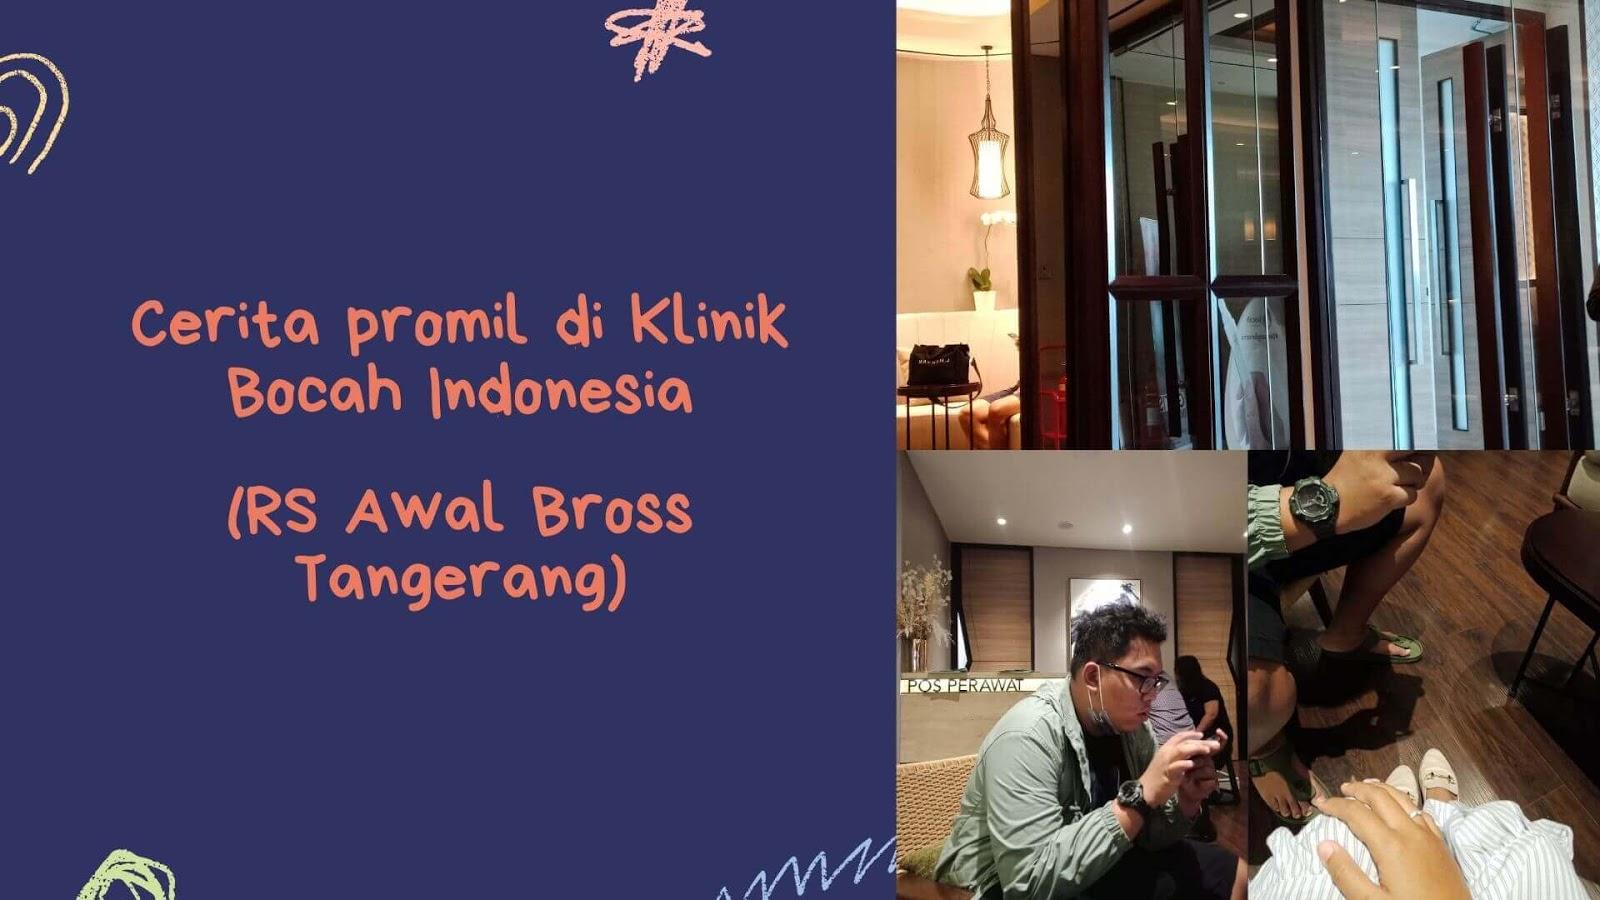 cerita promil di klinik bocah indonesia RS Awal Bross Tangerang